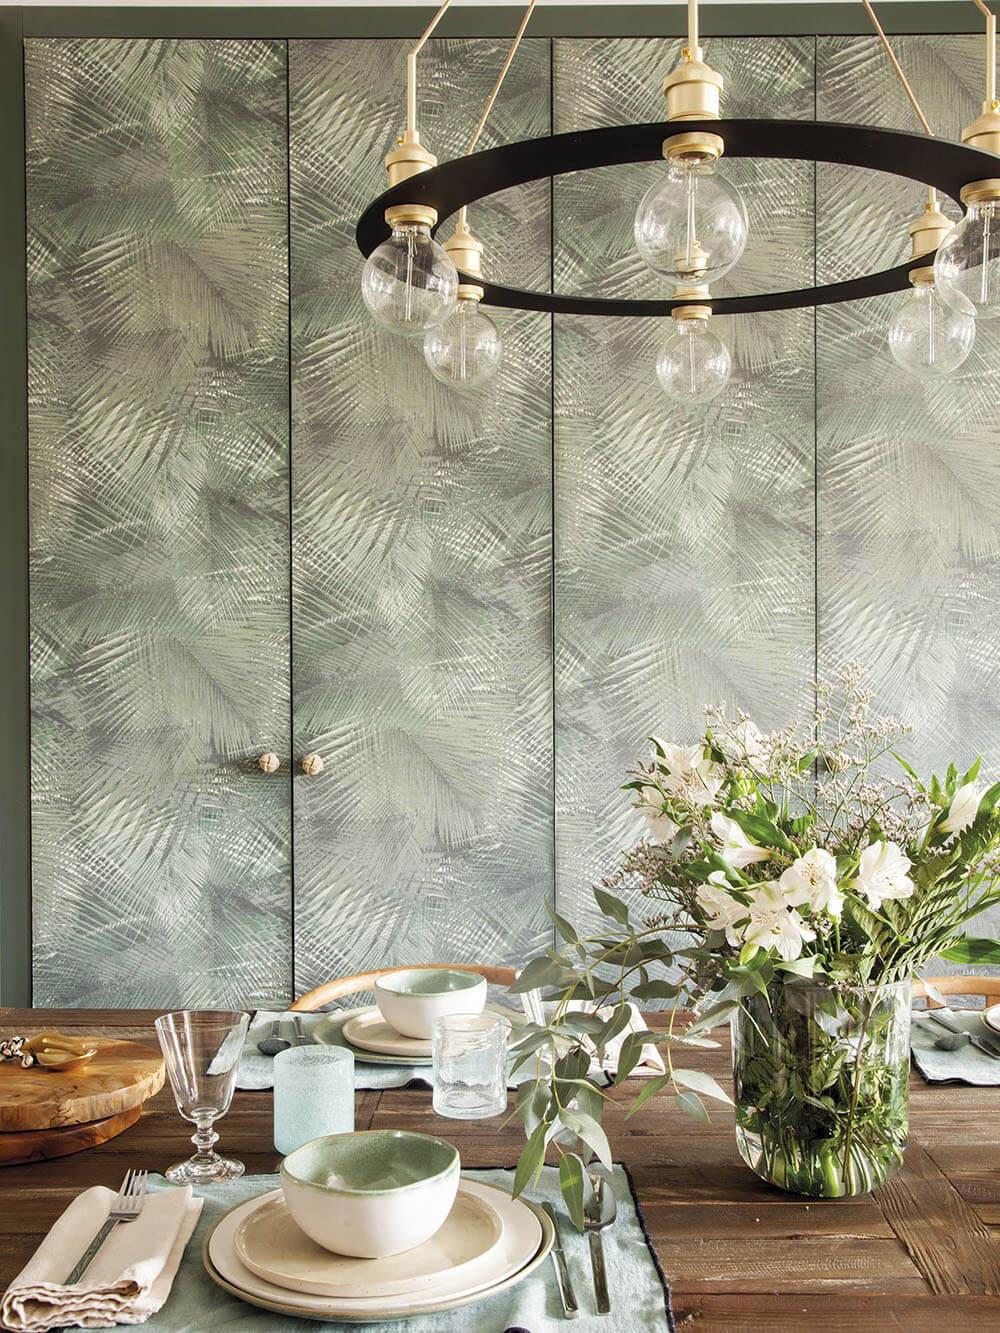 Интерьер с пальмовыми листьями